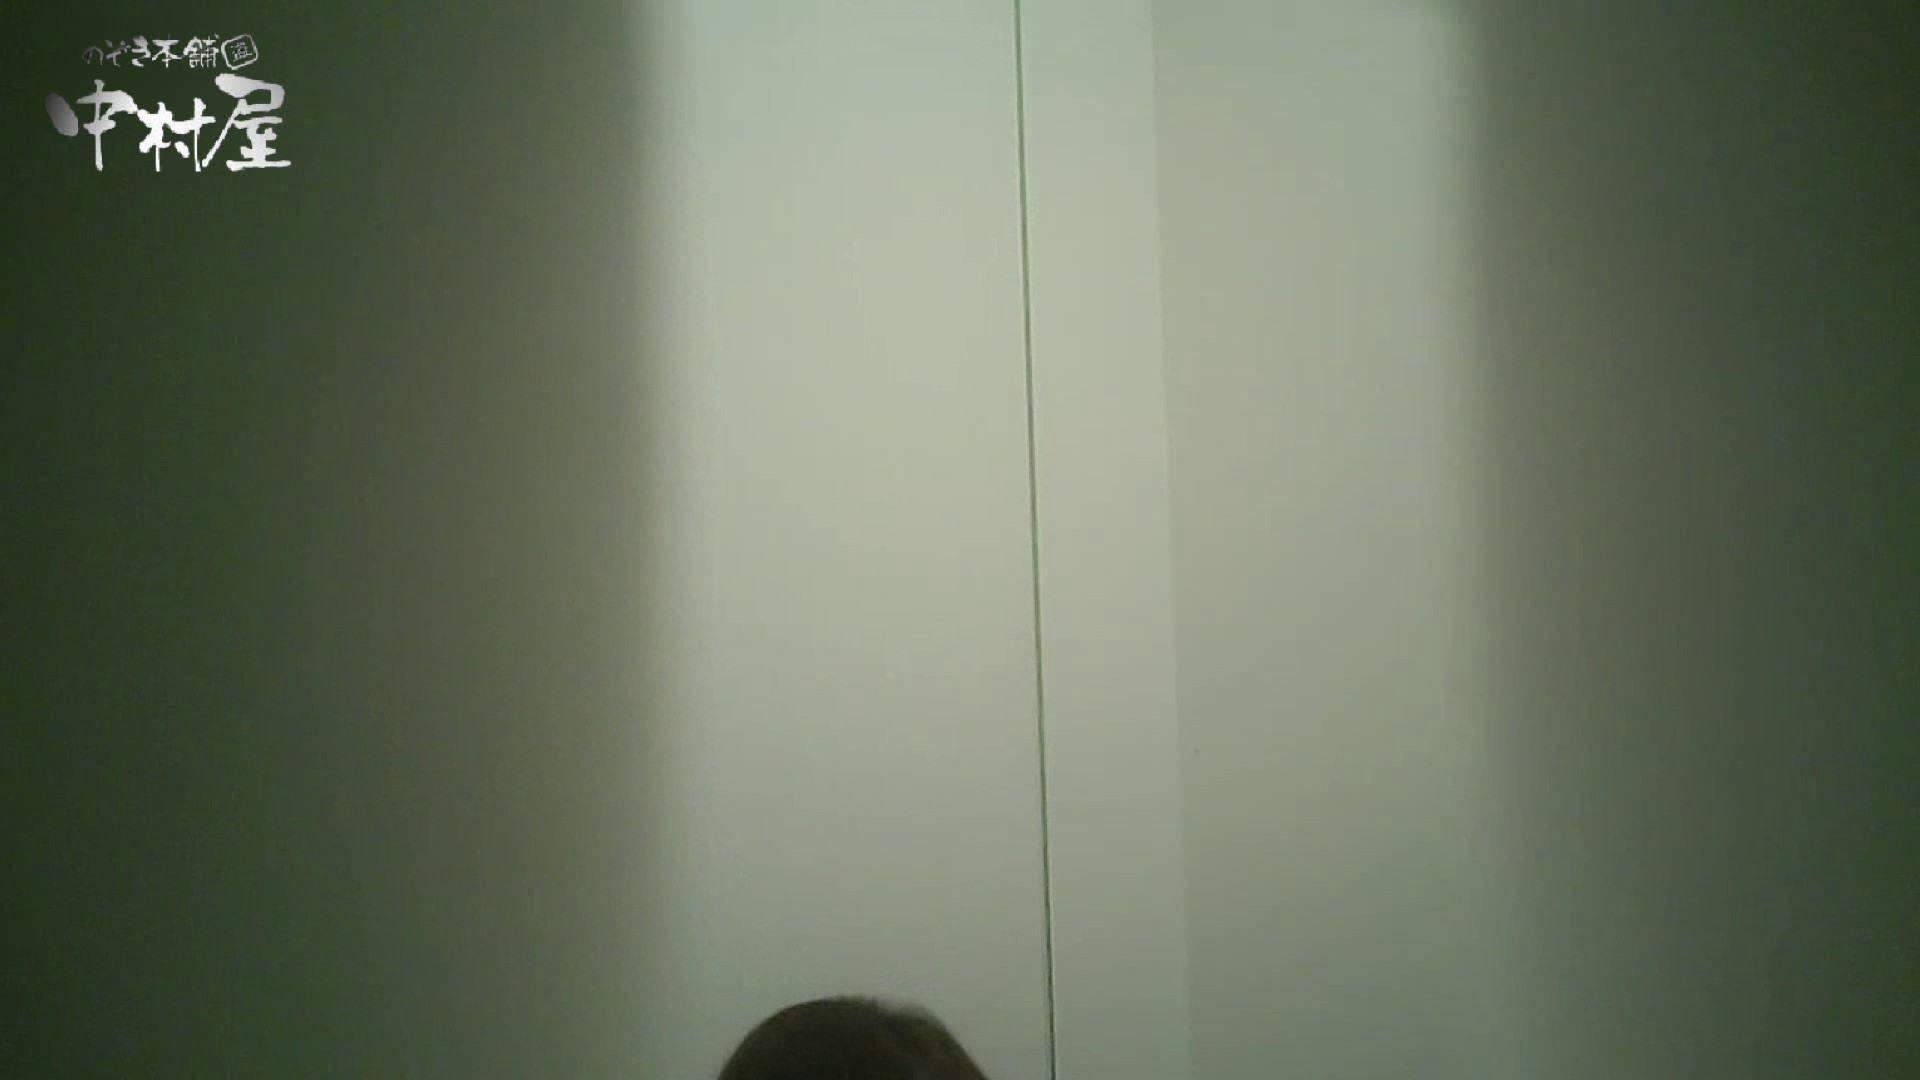 【某有名大学女性洗面所】有名大学女性洗面所 vol.40 ??おまじない的な動きをする子がいます。 和式トイレ  91pic 70